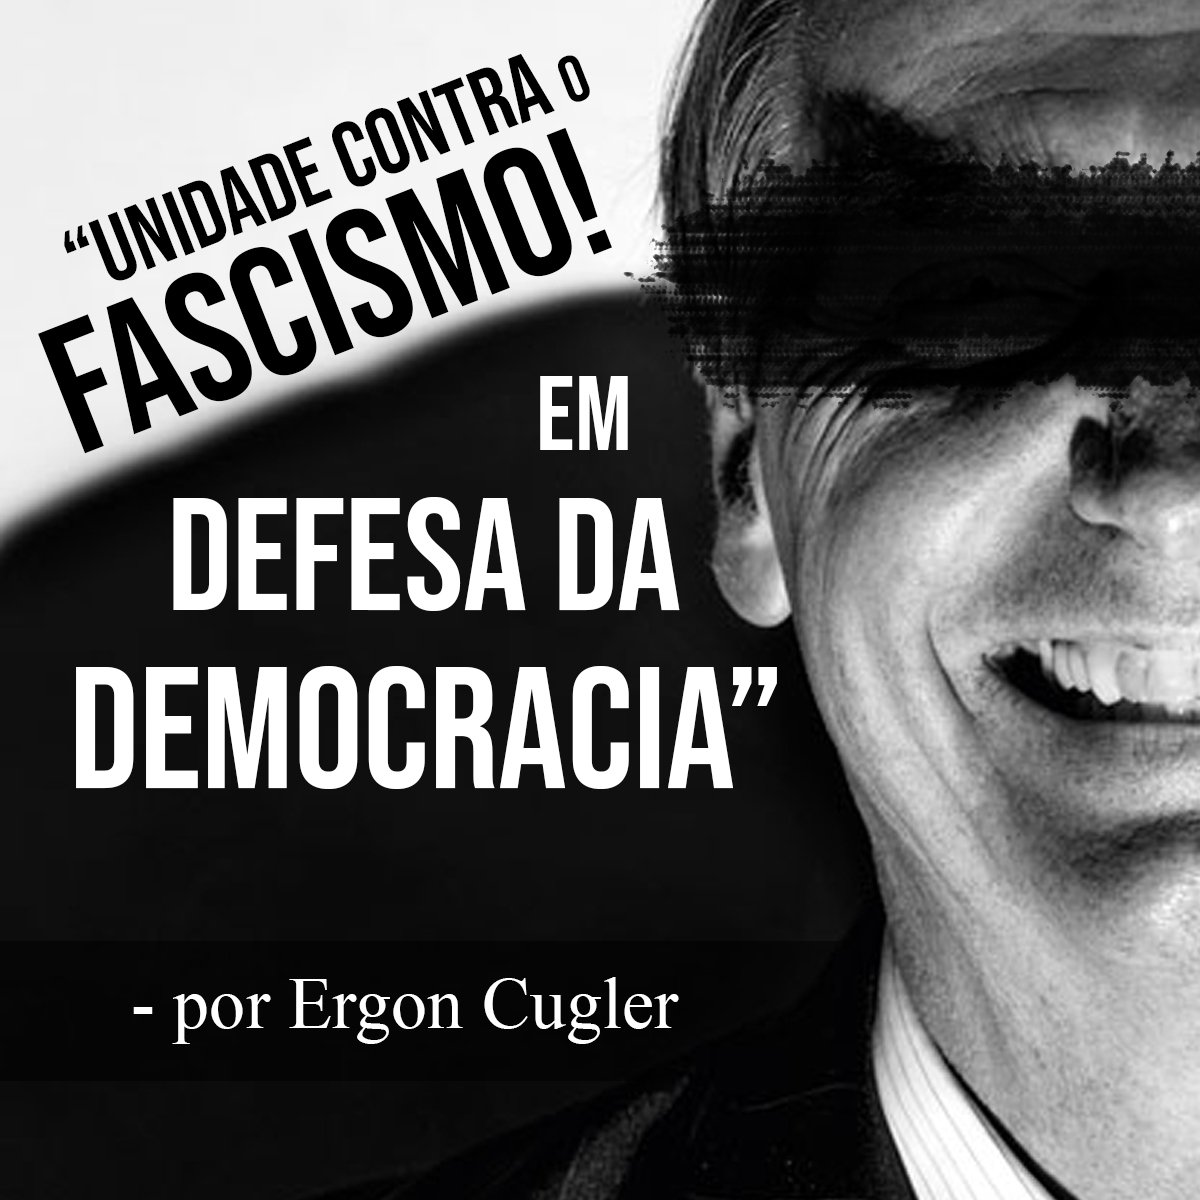 Unidade contra o fascismo, em defesa da democracia